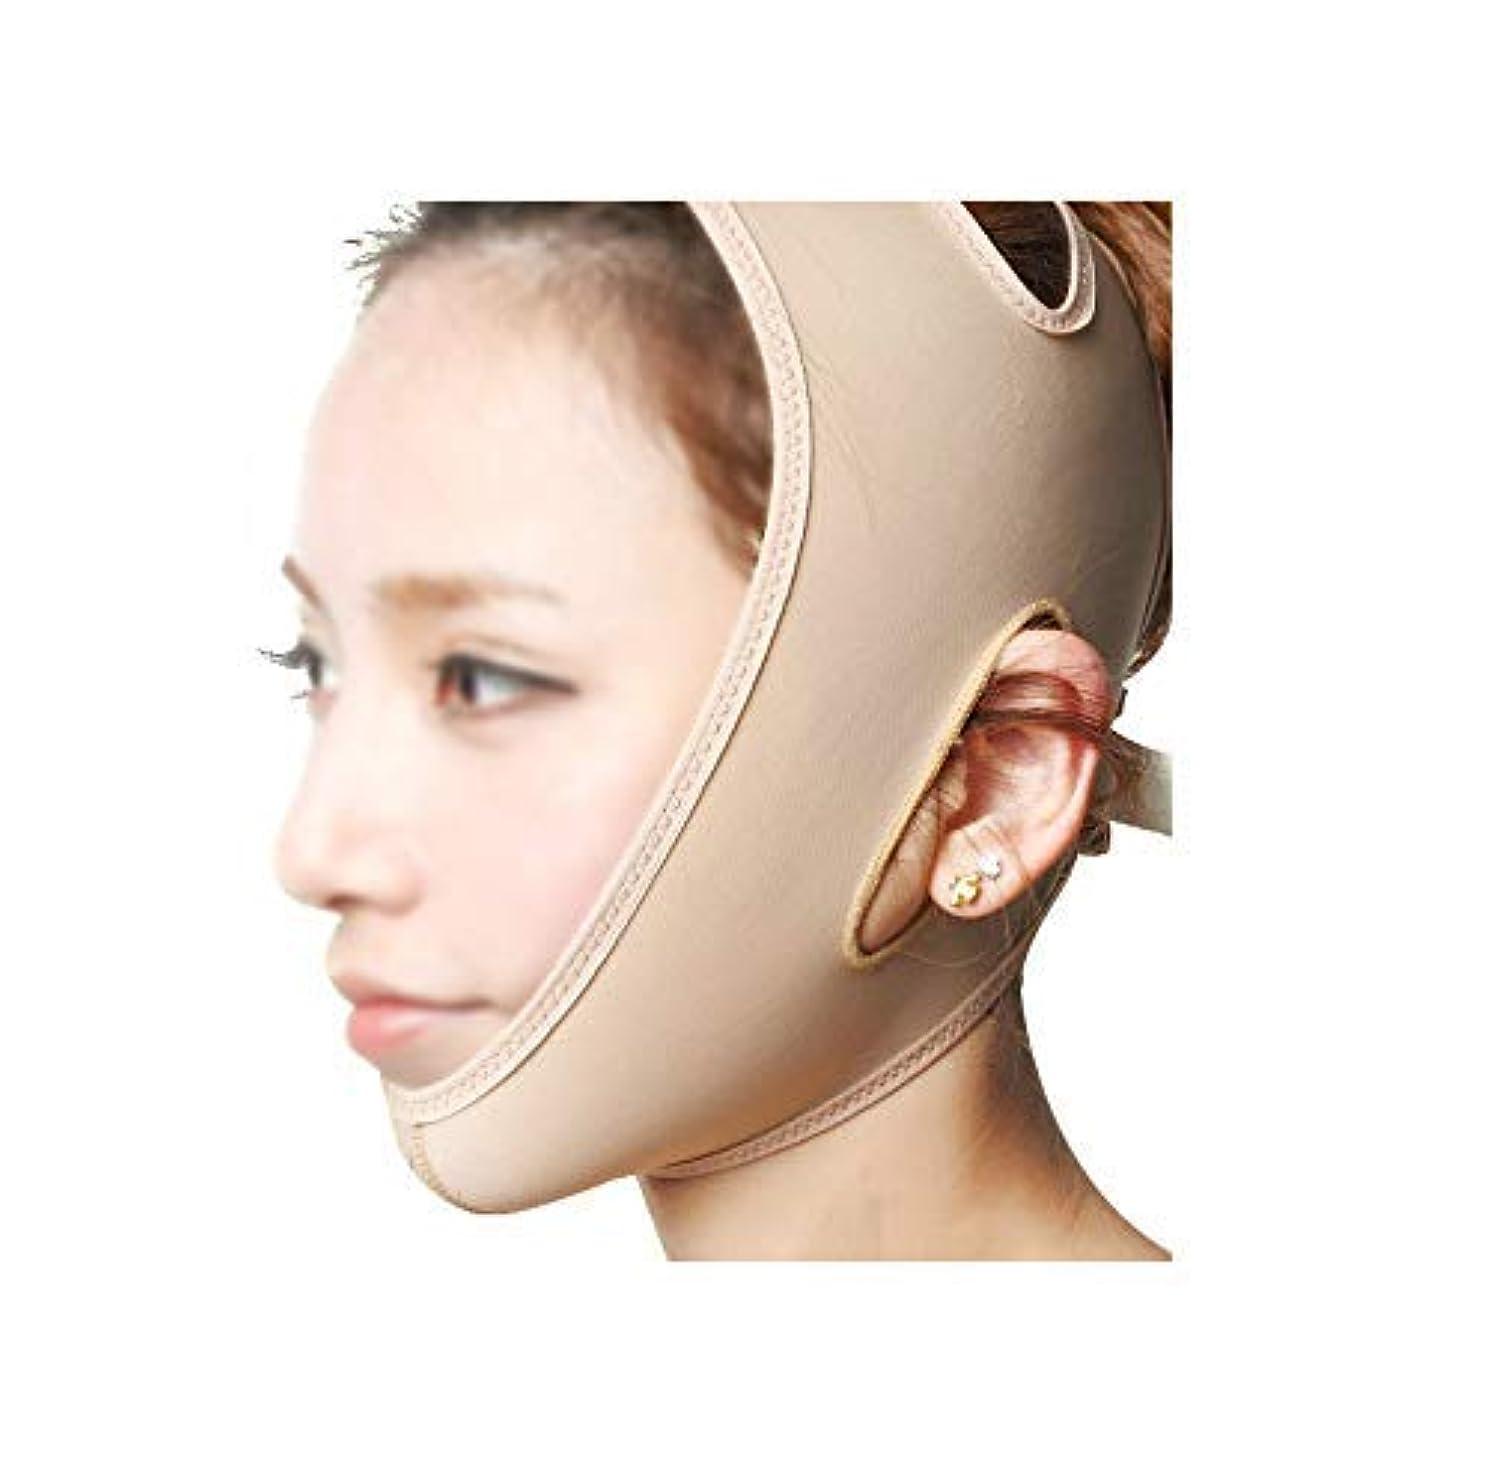 ホース野球アトムフェイスリフティングバンデージ、フェイスマスク3Dパネルデザイン、通気性に優れたライクラ素材の物理的なVフェイス、美しい顔の輪郭の作成(サイズ:S),ザ?